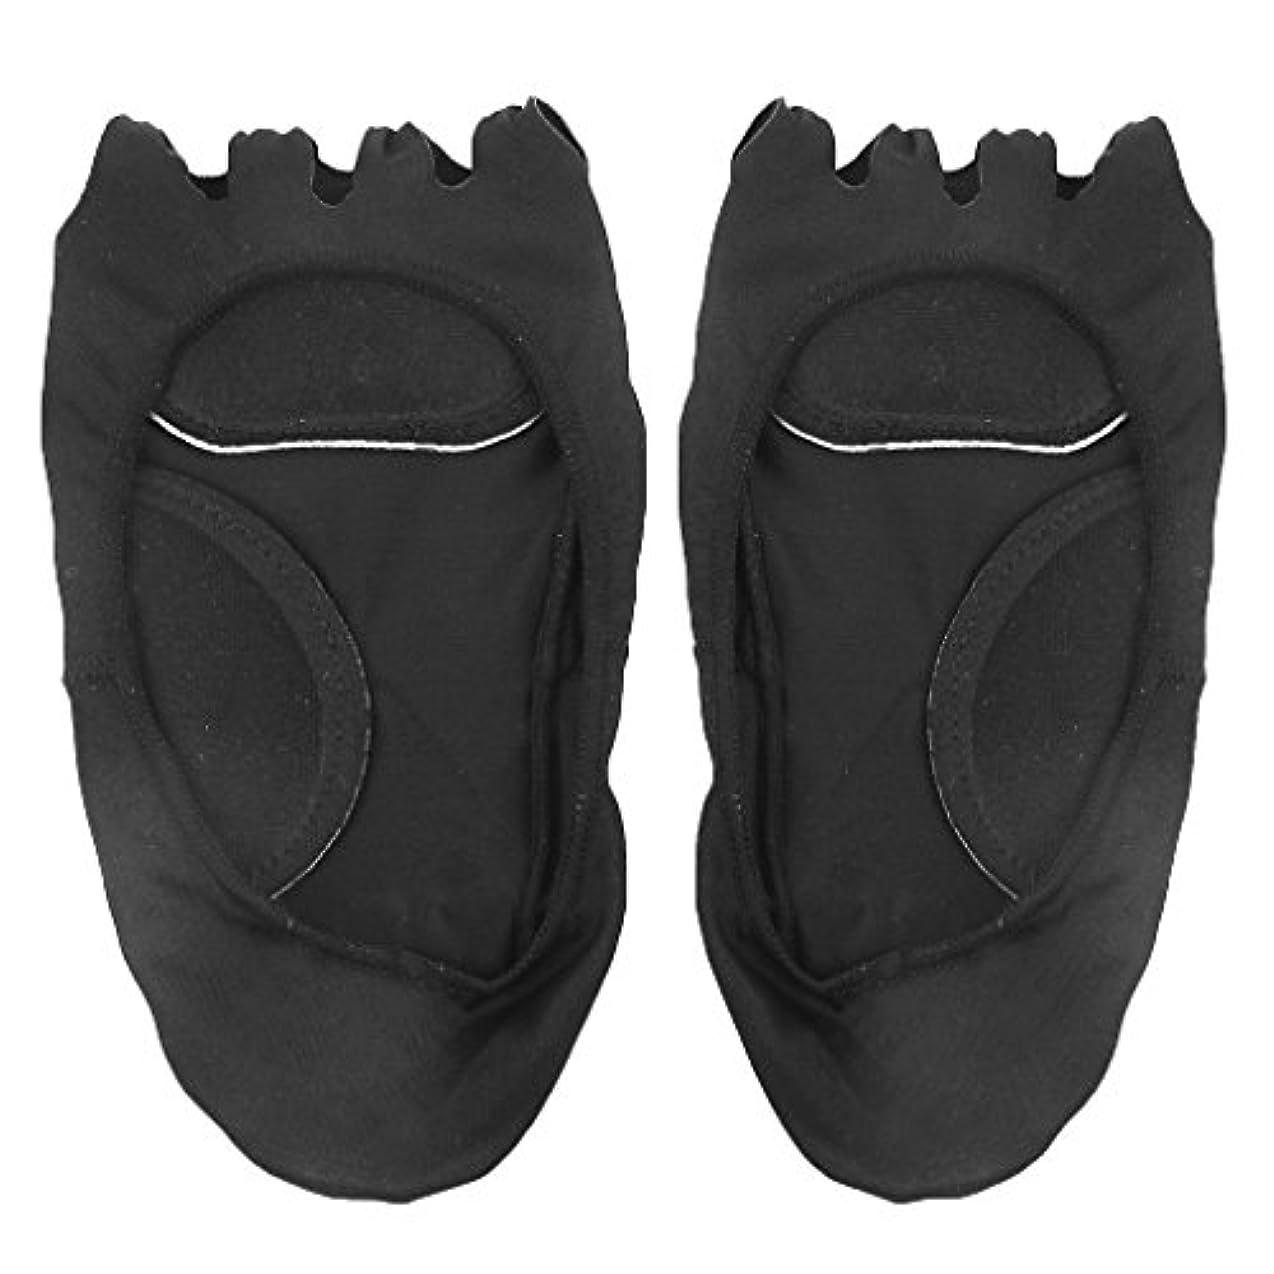 過激派理容師放置【Footful】ソックス 靴下 5つ本指つま先 ボートソックス マッサージパッド 見えない 滑り止め アンクルソックス (ブラック)